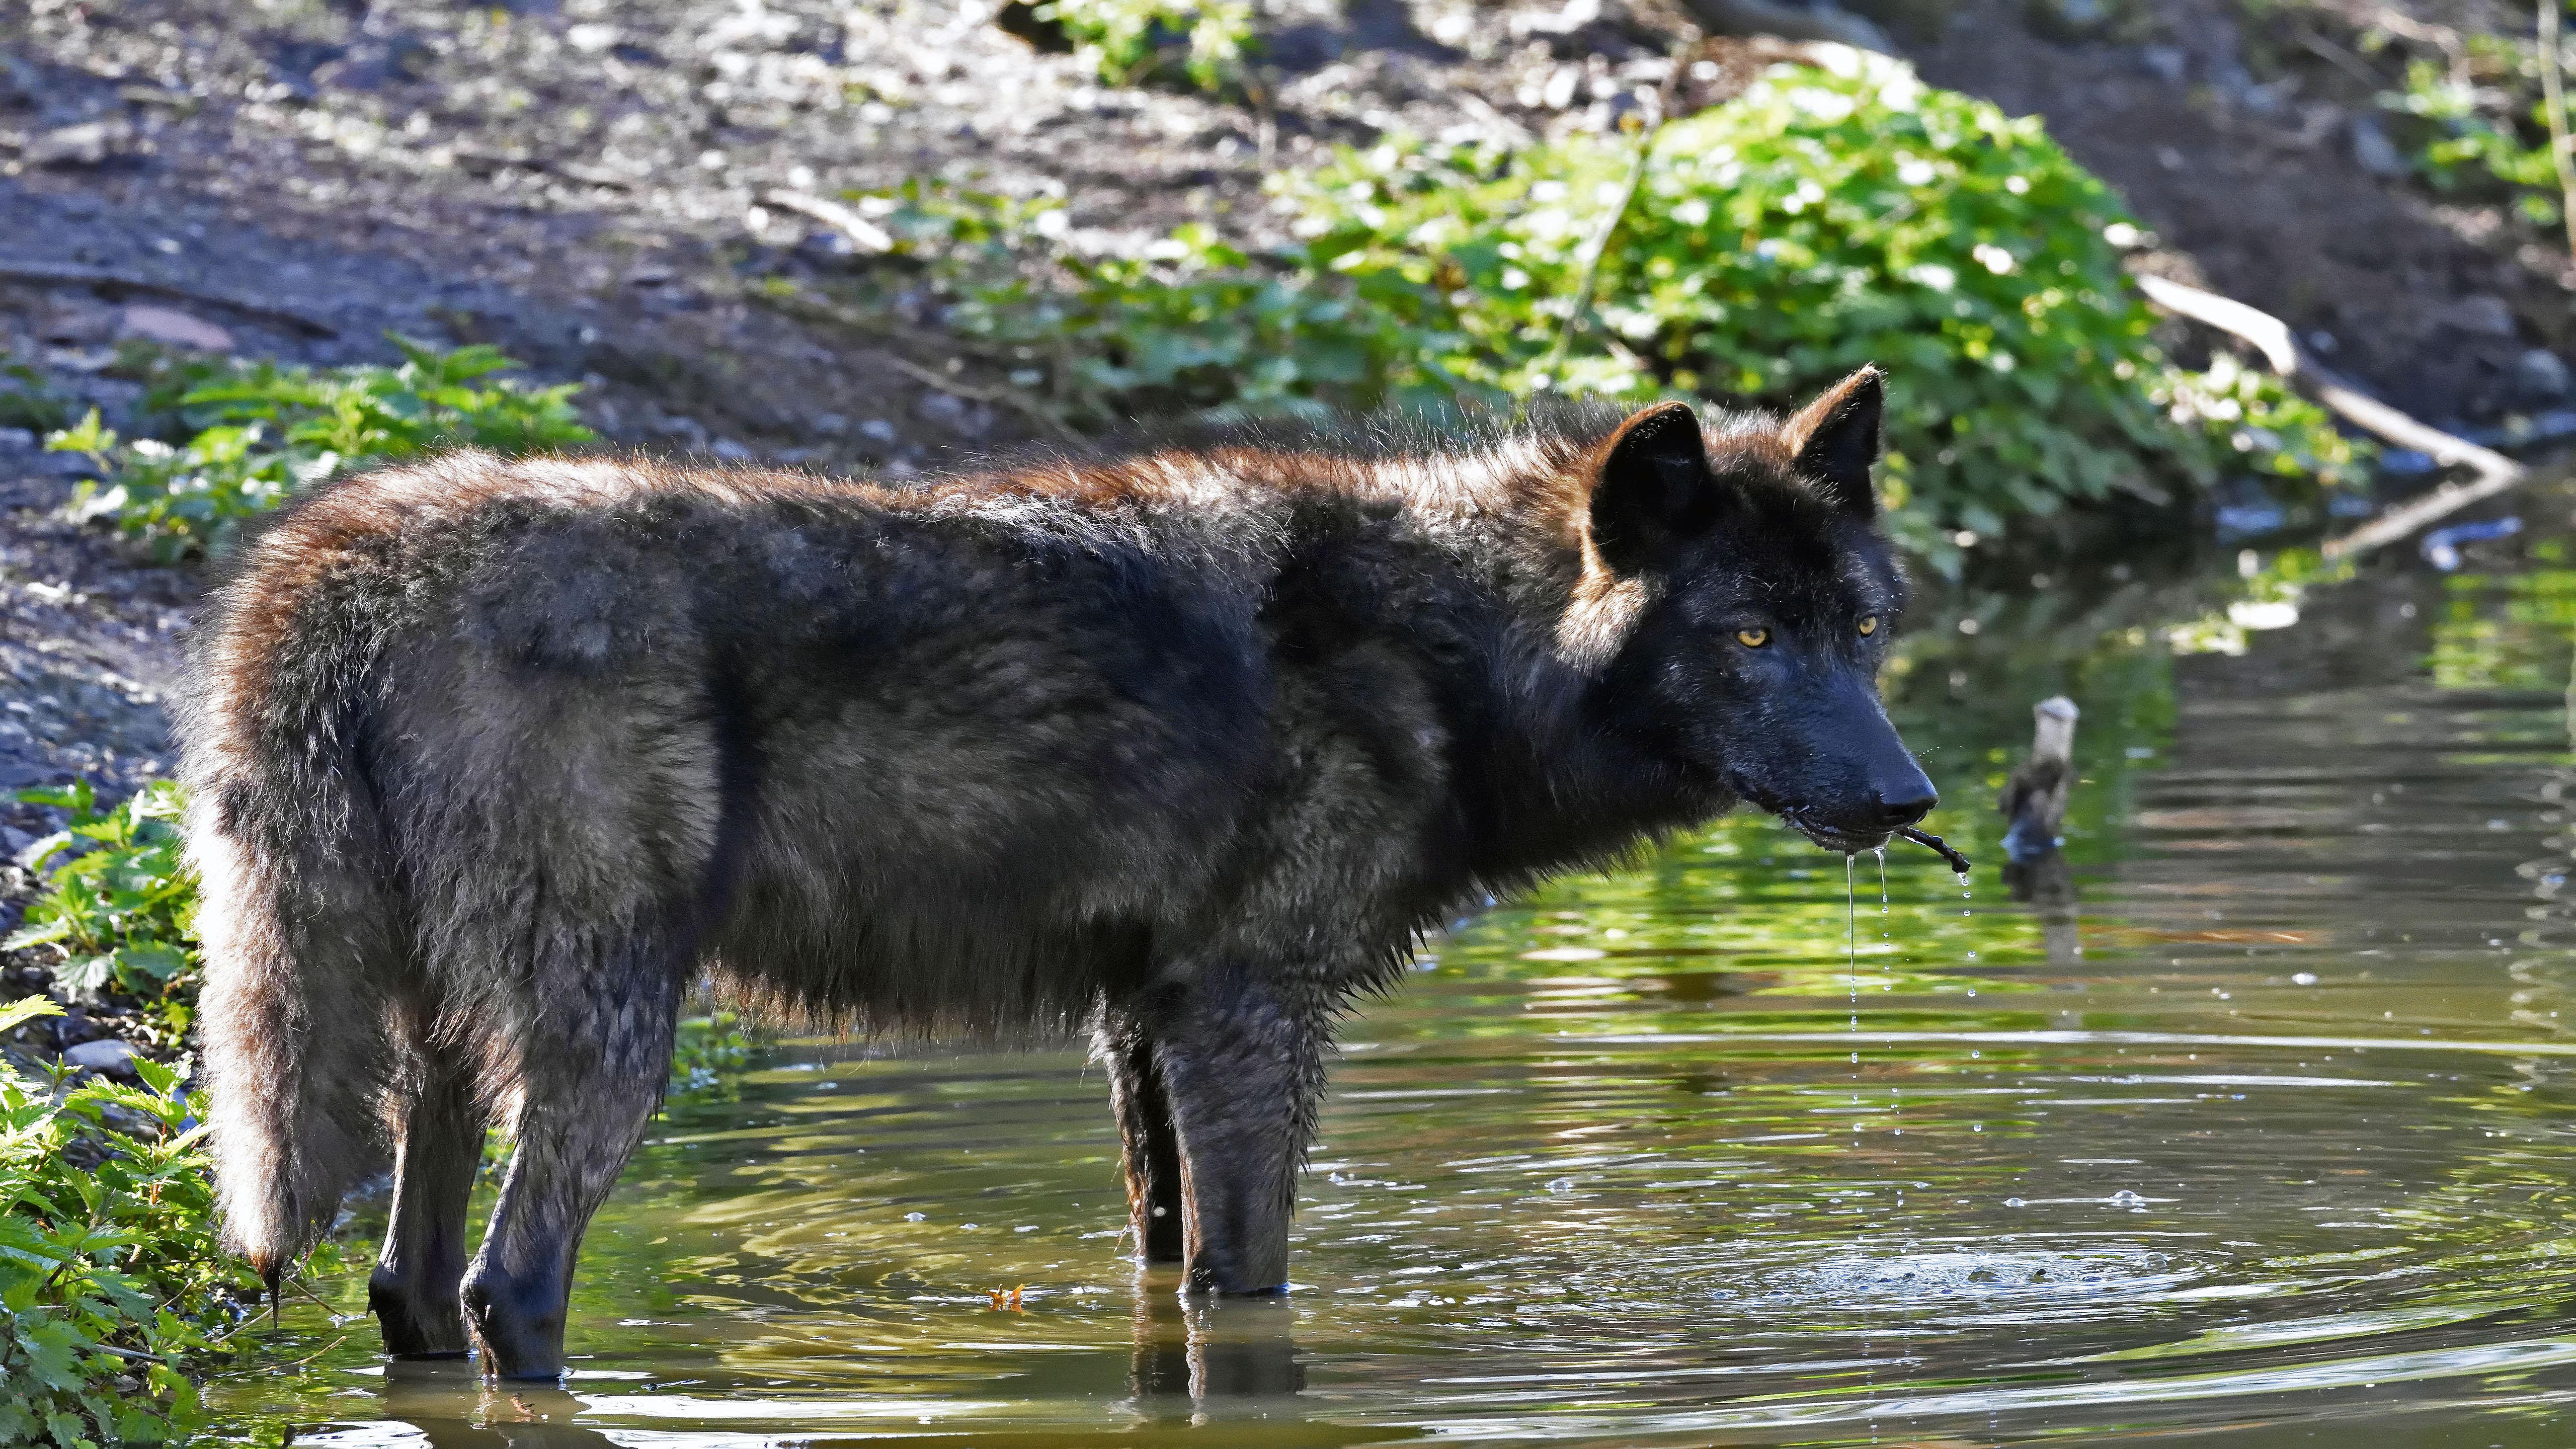 HDoboi.Kiev.ua - Большой черный волк у водоема, 5k ultra hd